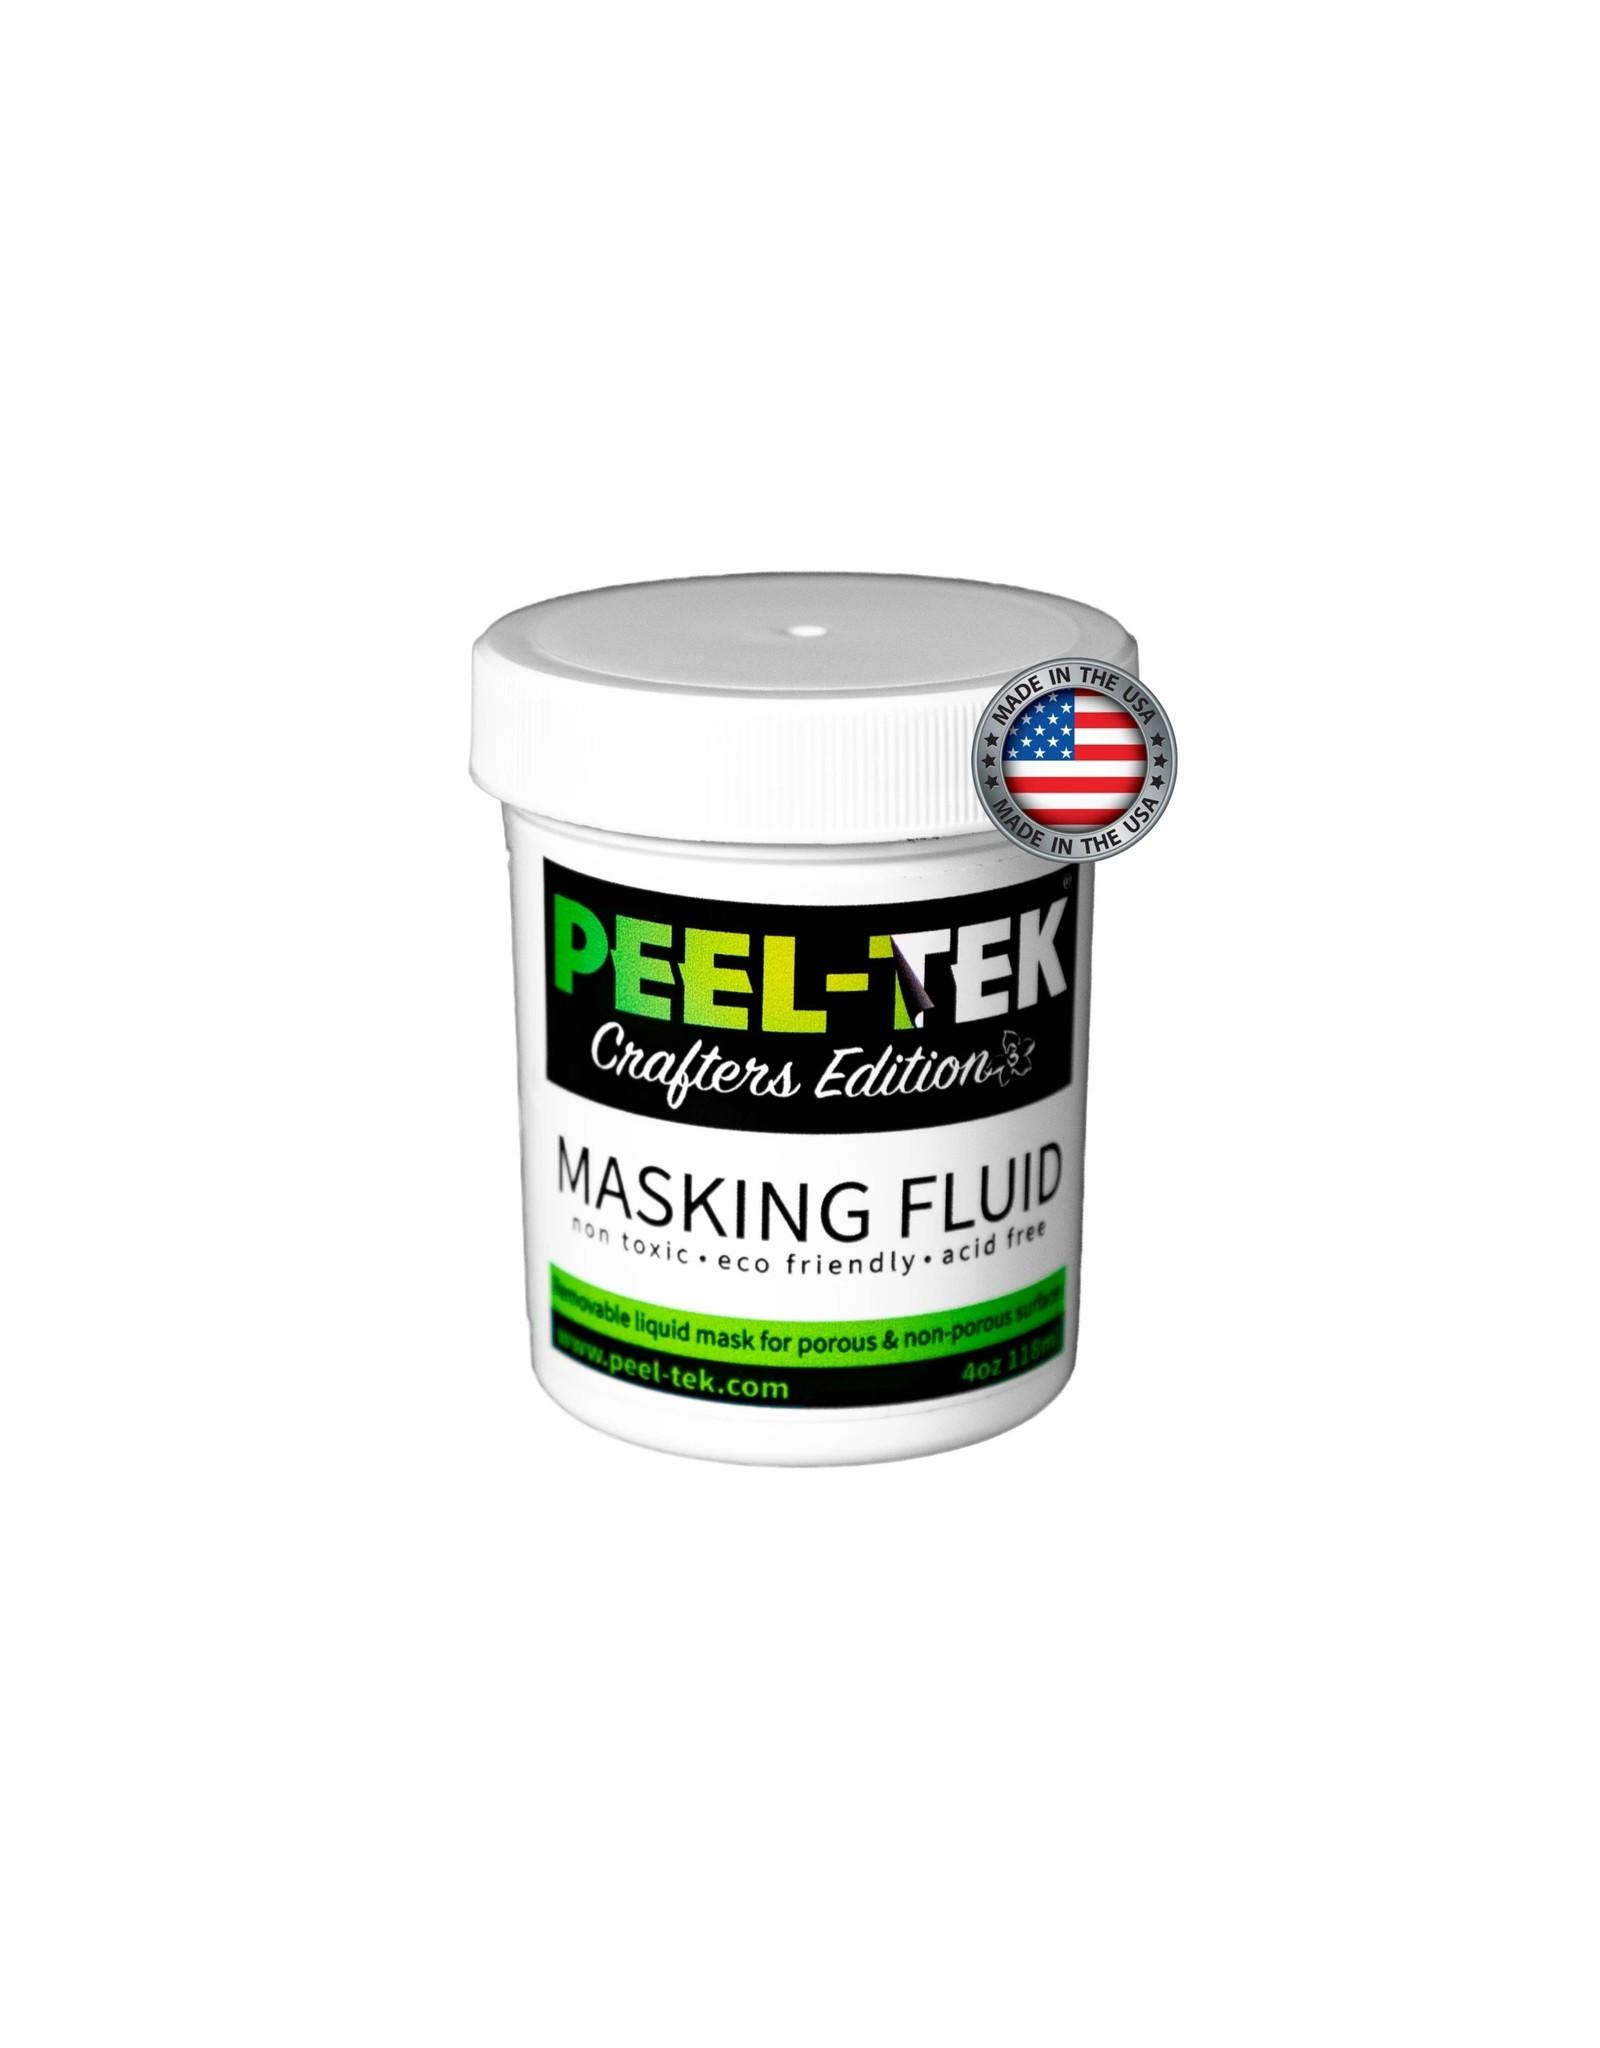 Peel-Tek Peel-Tek Liquid Mask 4 oz